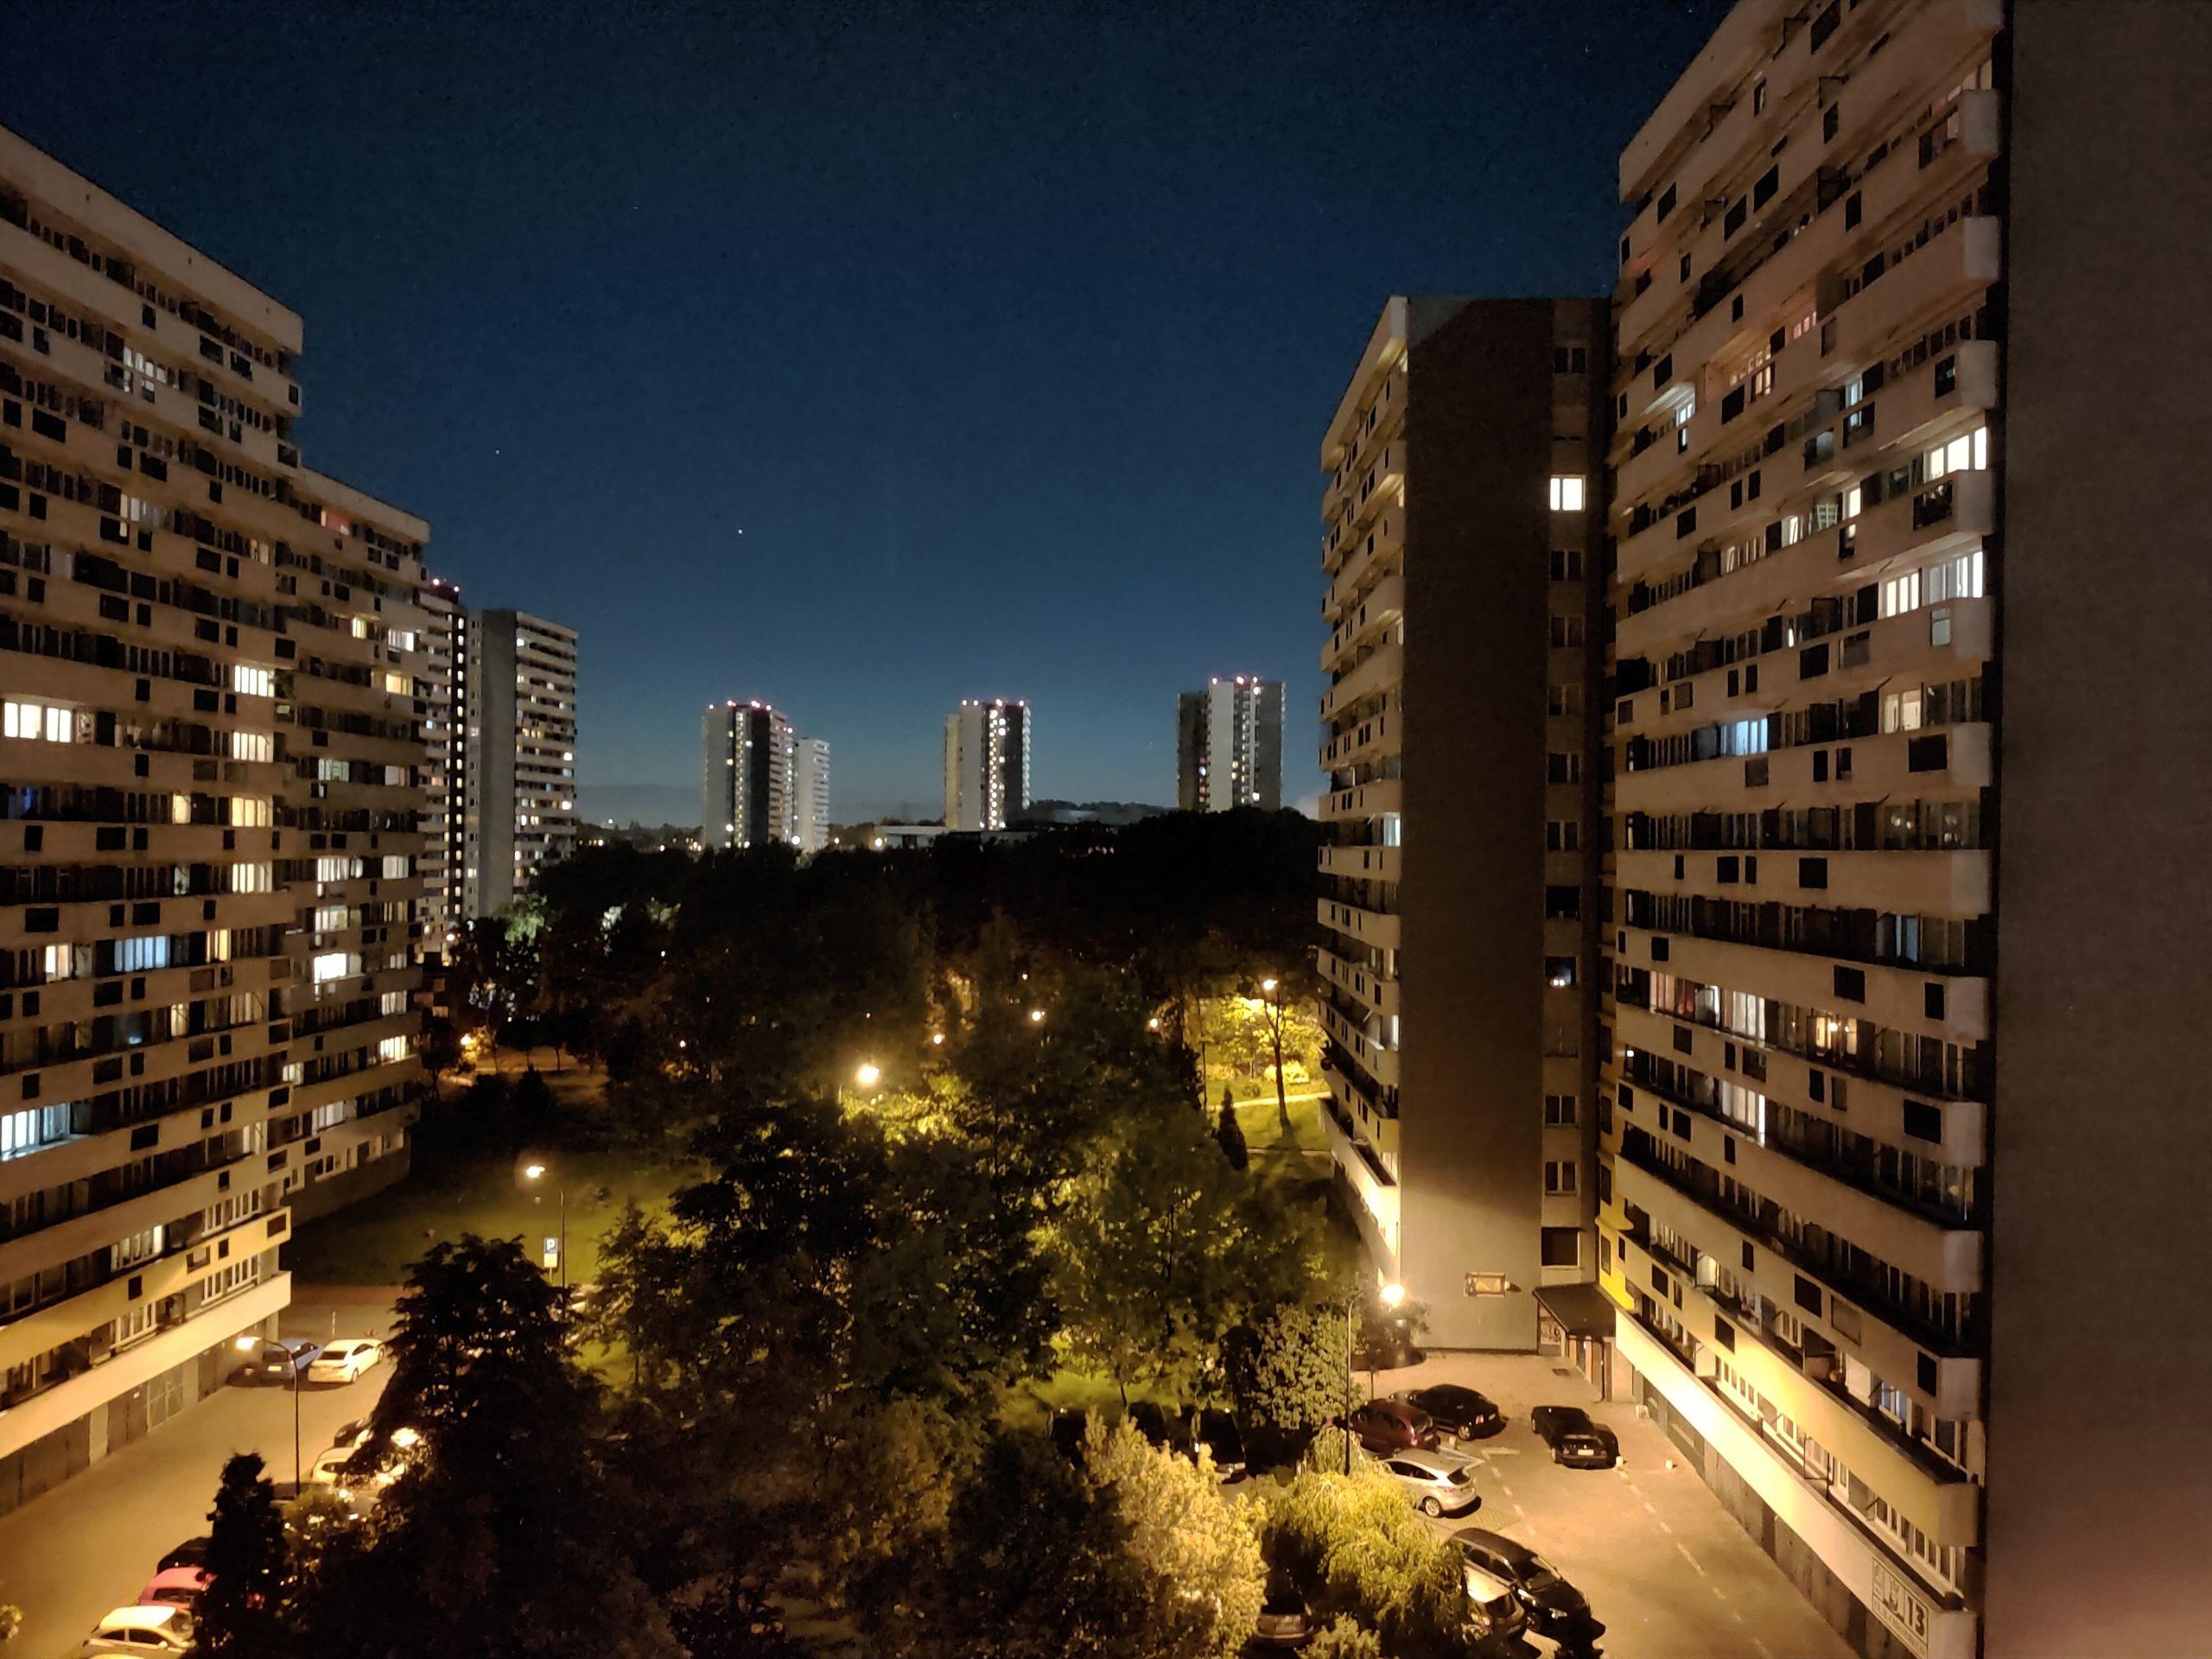 Zdjęcia nocne - Oppo Reno3 Pro